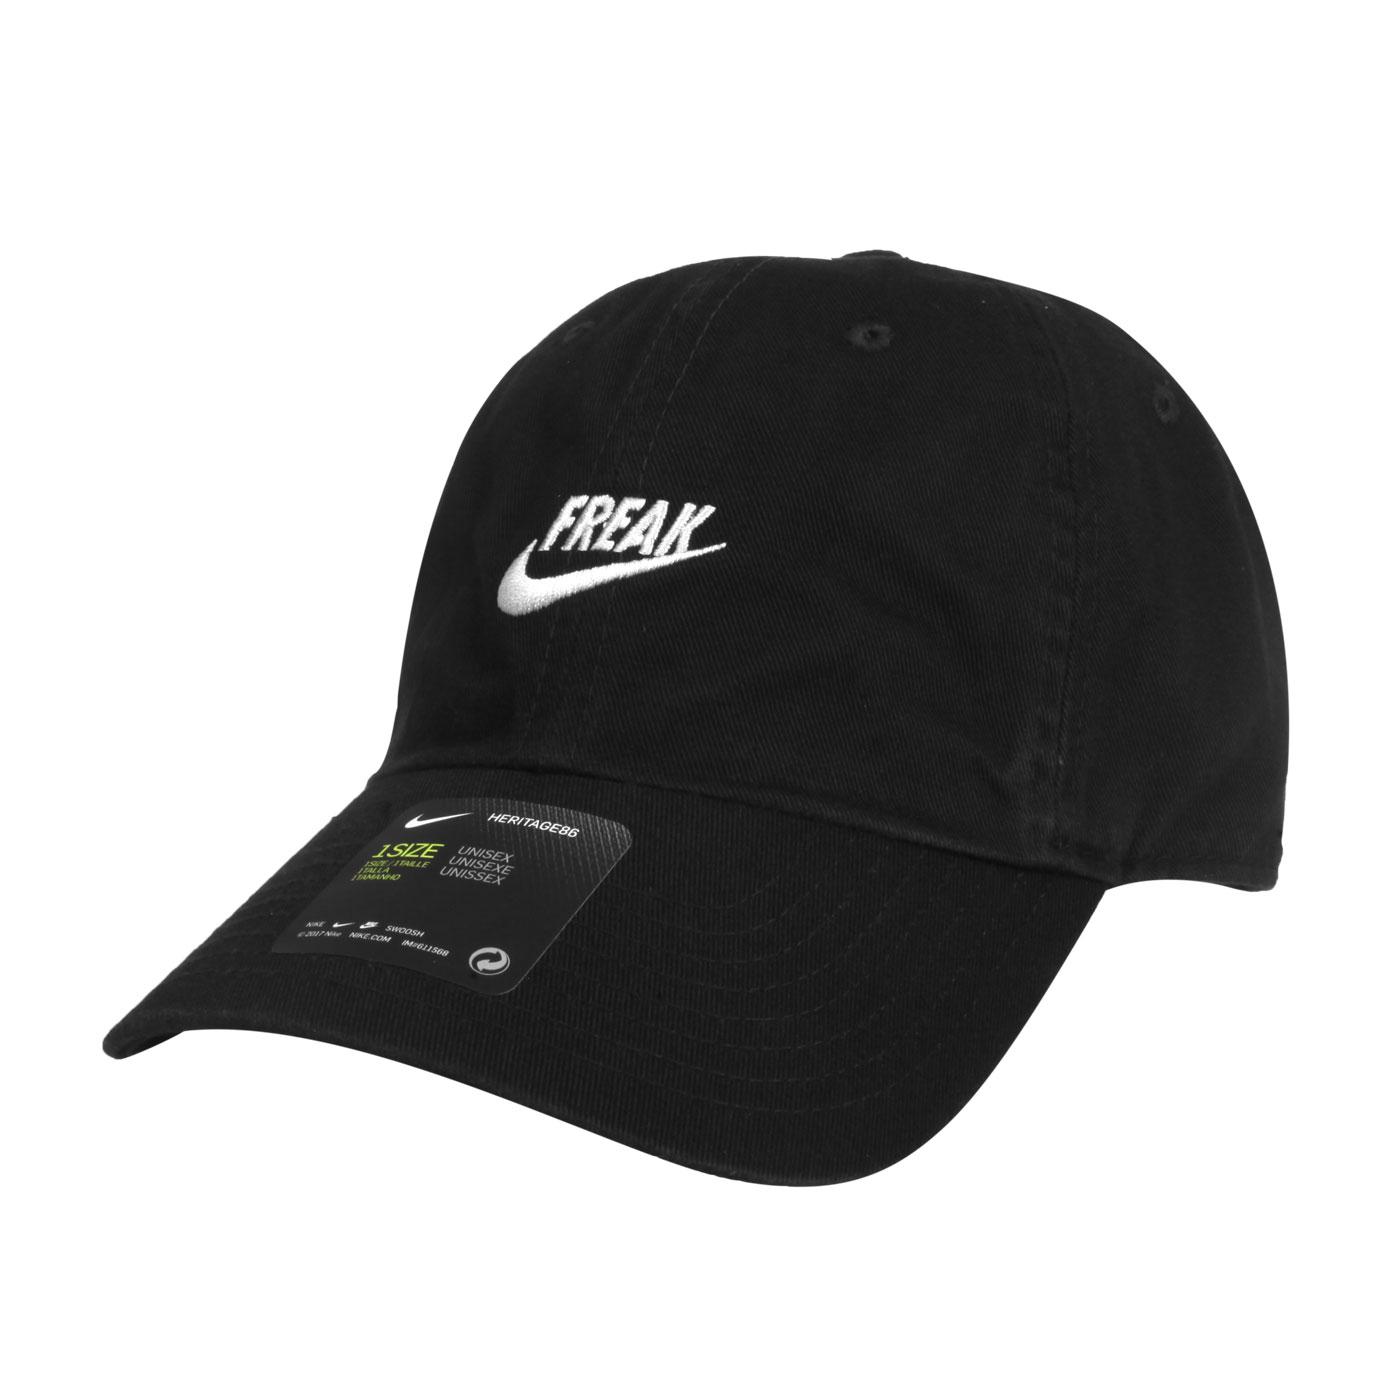 NIKE 運動帽 CW5921-010